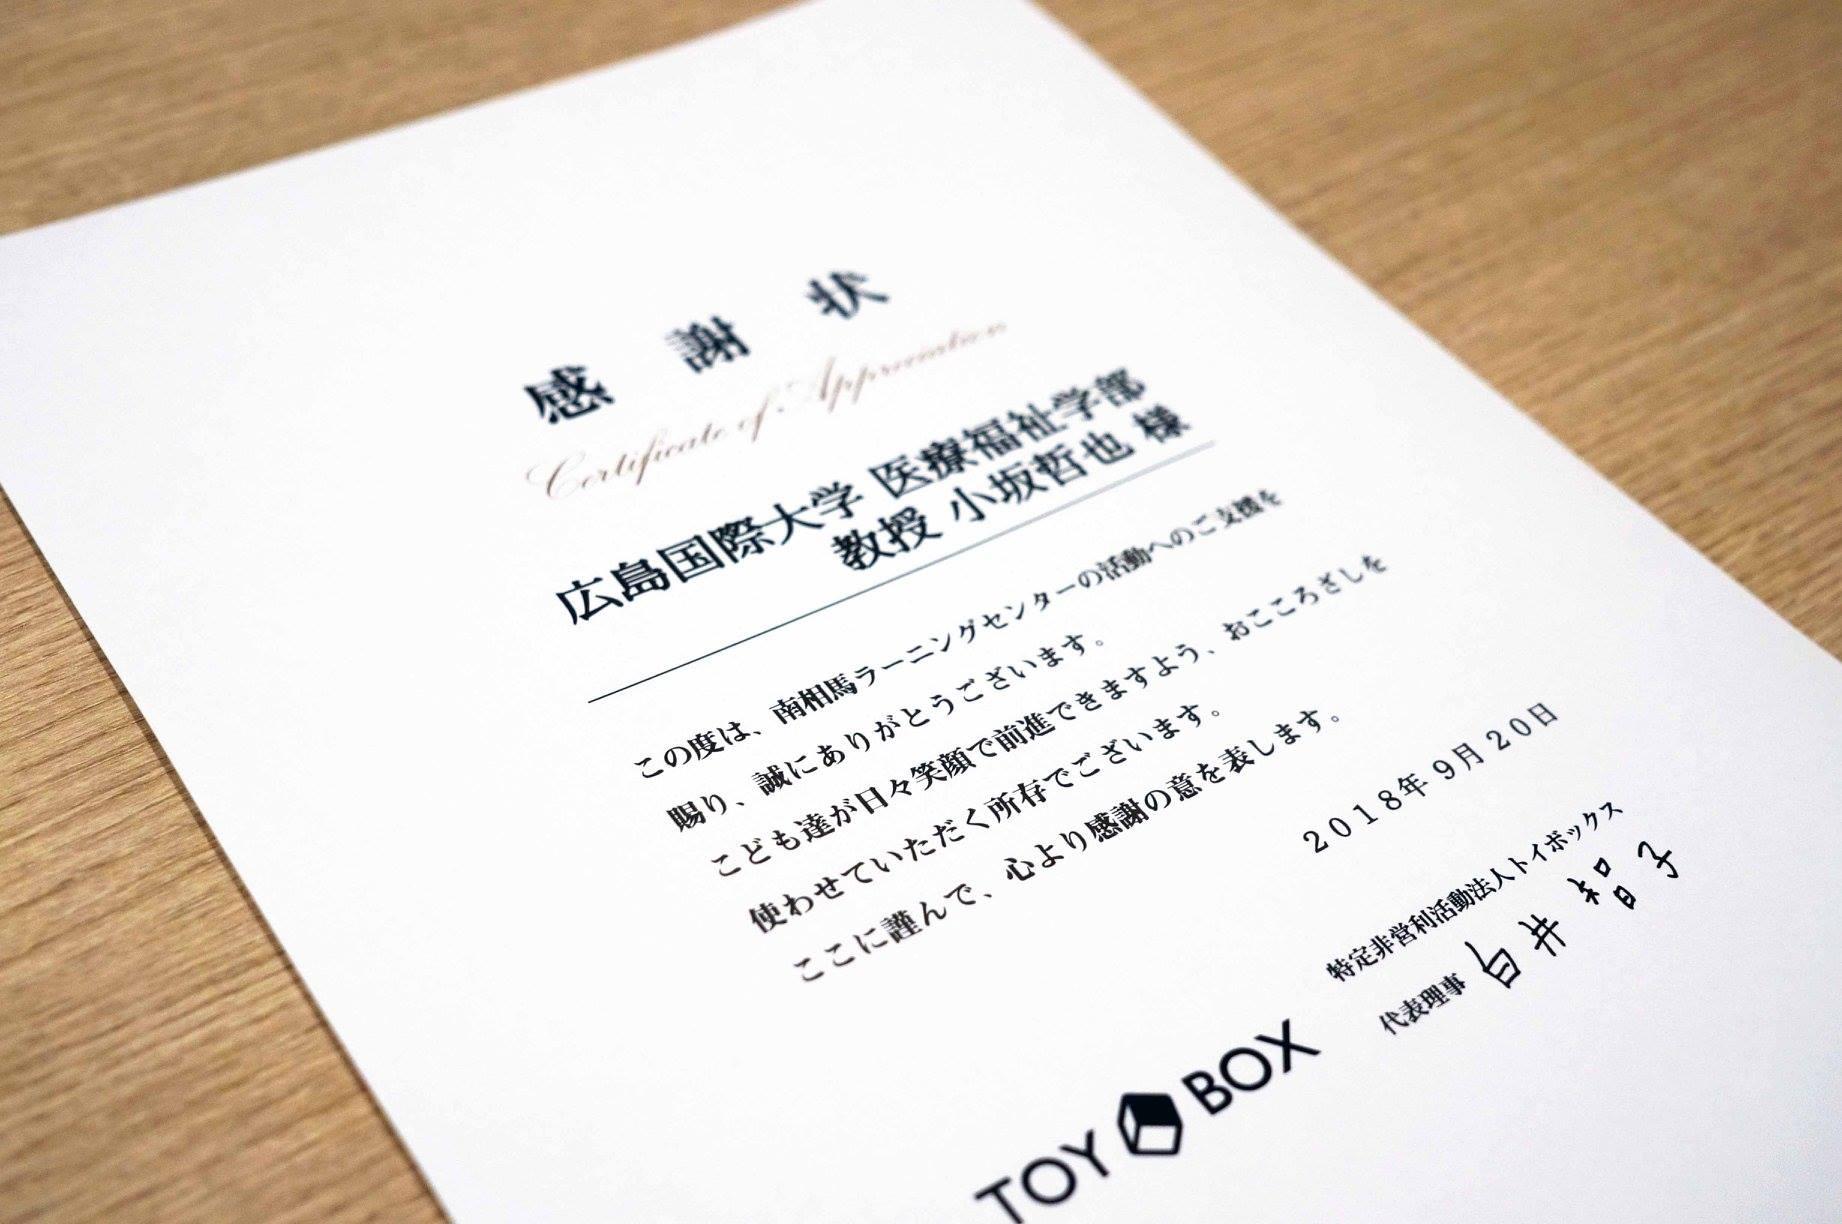 東日本大震災チャリティーコンサート10年実行委員会様よりご寄付をいただきました